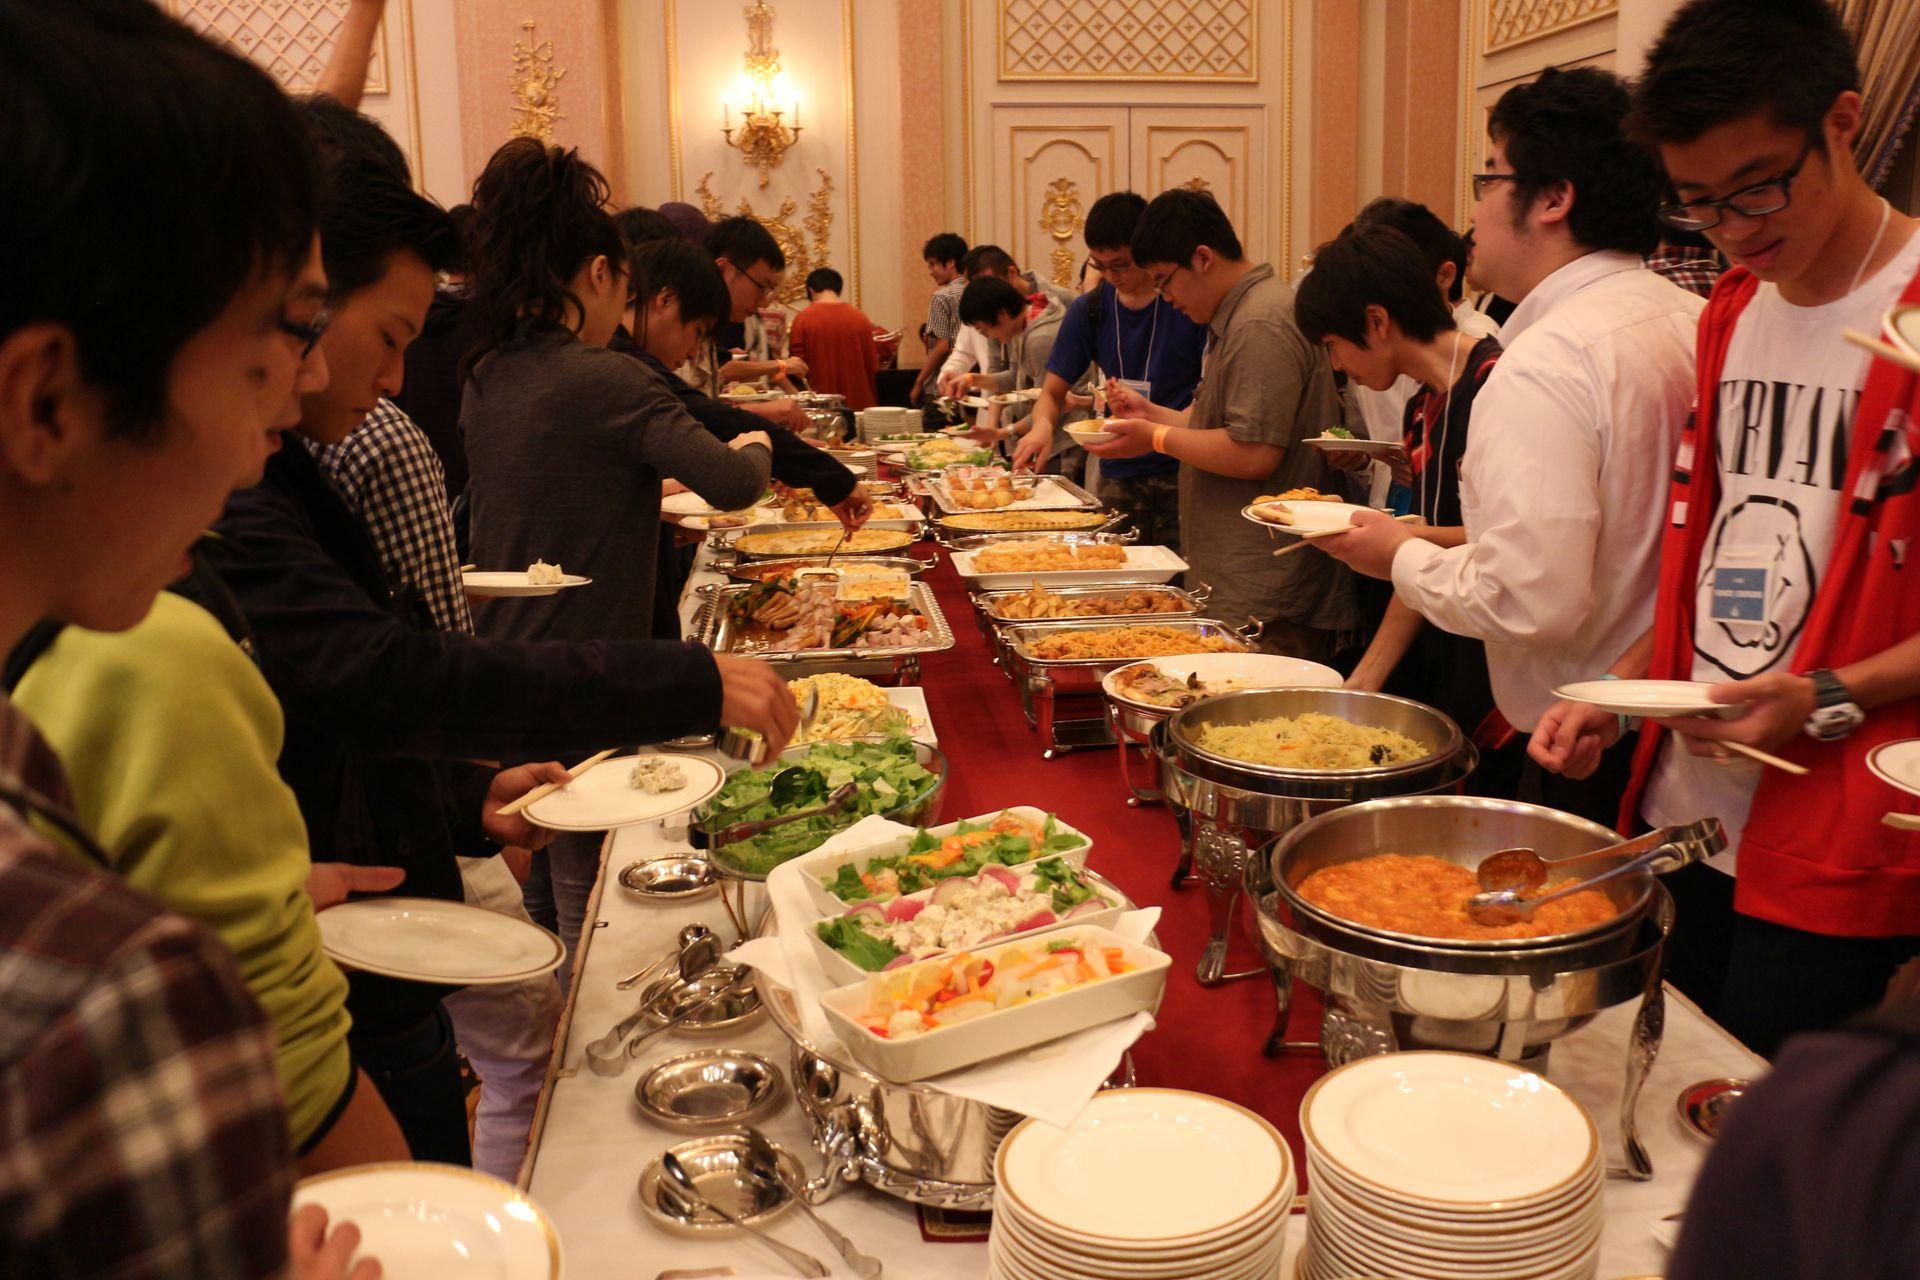 関係者含め250人前後でぎっしりの会場。食事は立食形式で食べ放題、飲み放題